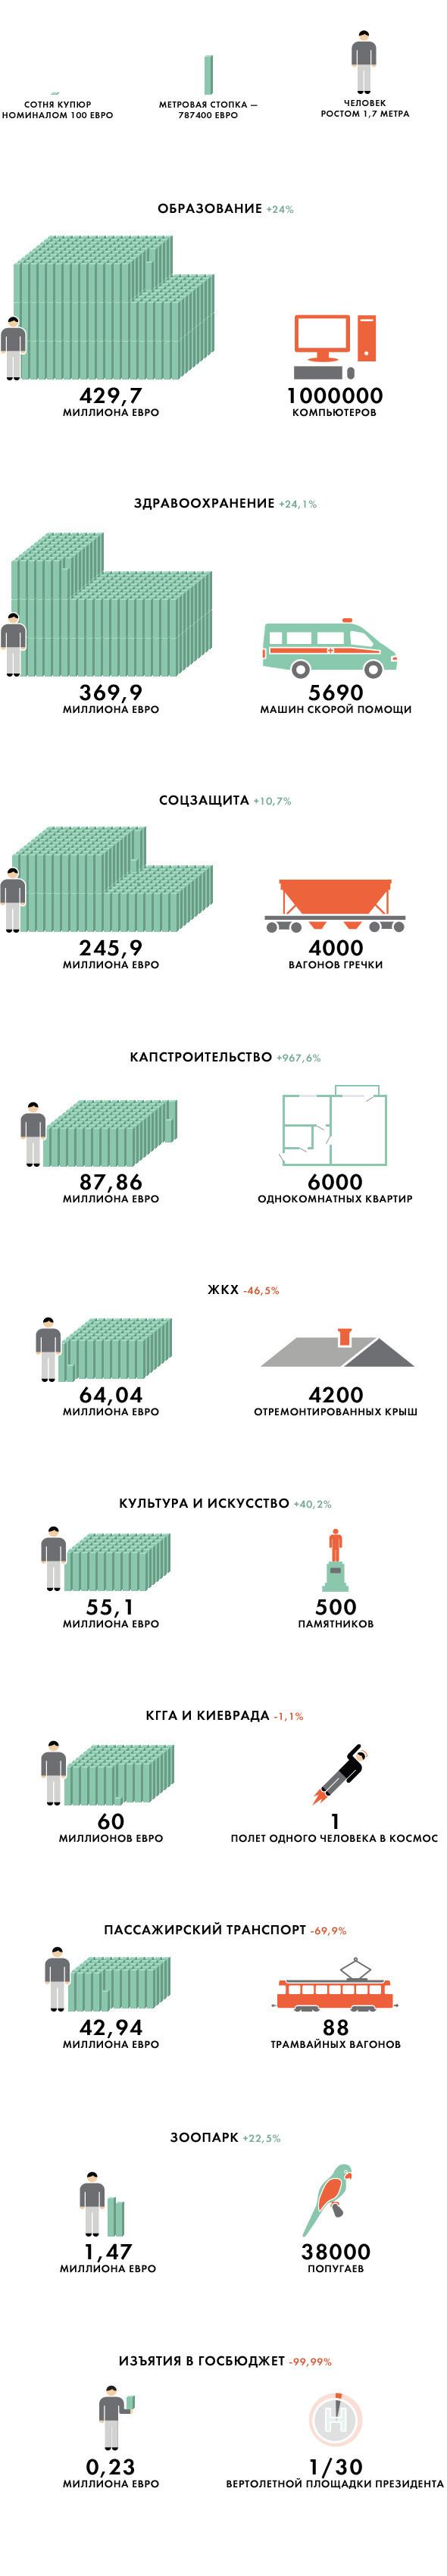 Бюджетный вариант: Что мог бы купить Киев на 16,4 миллиарда гривен. Зображення № 2.